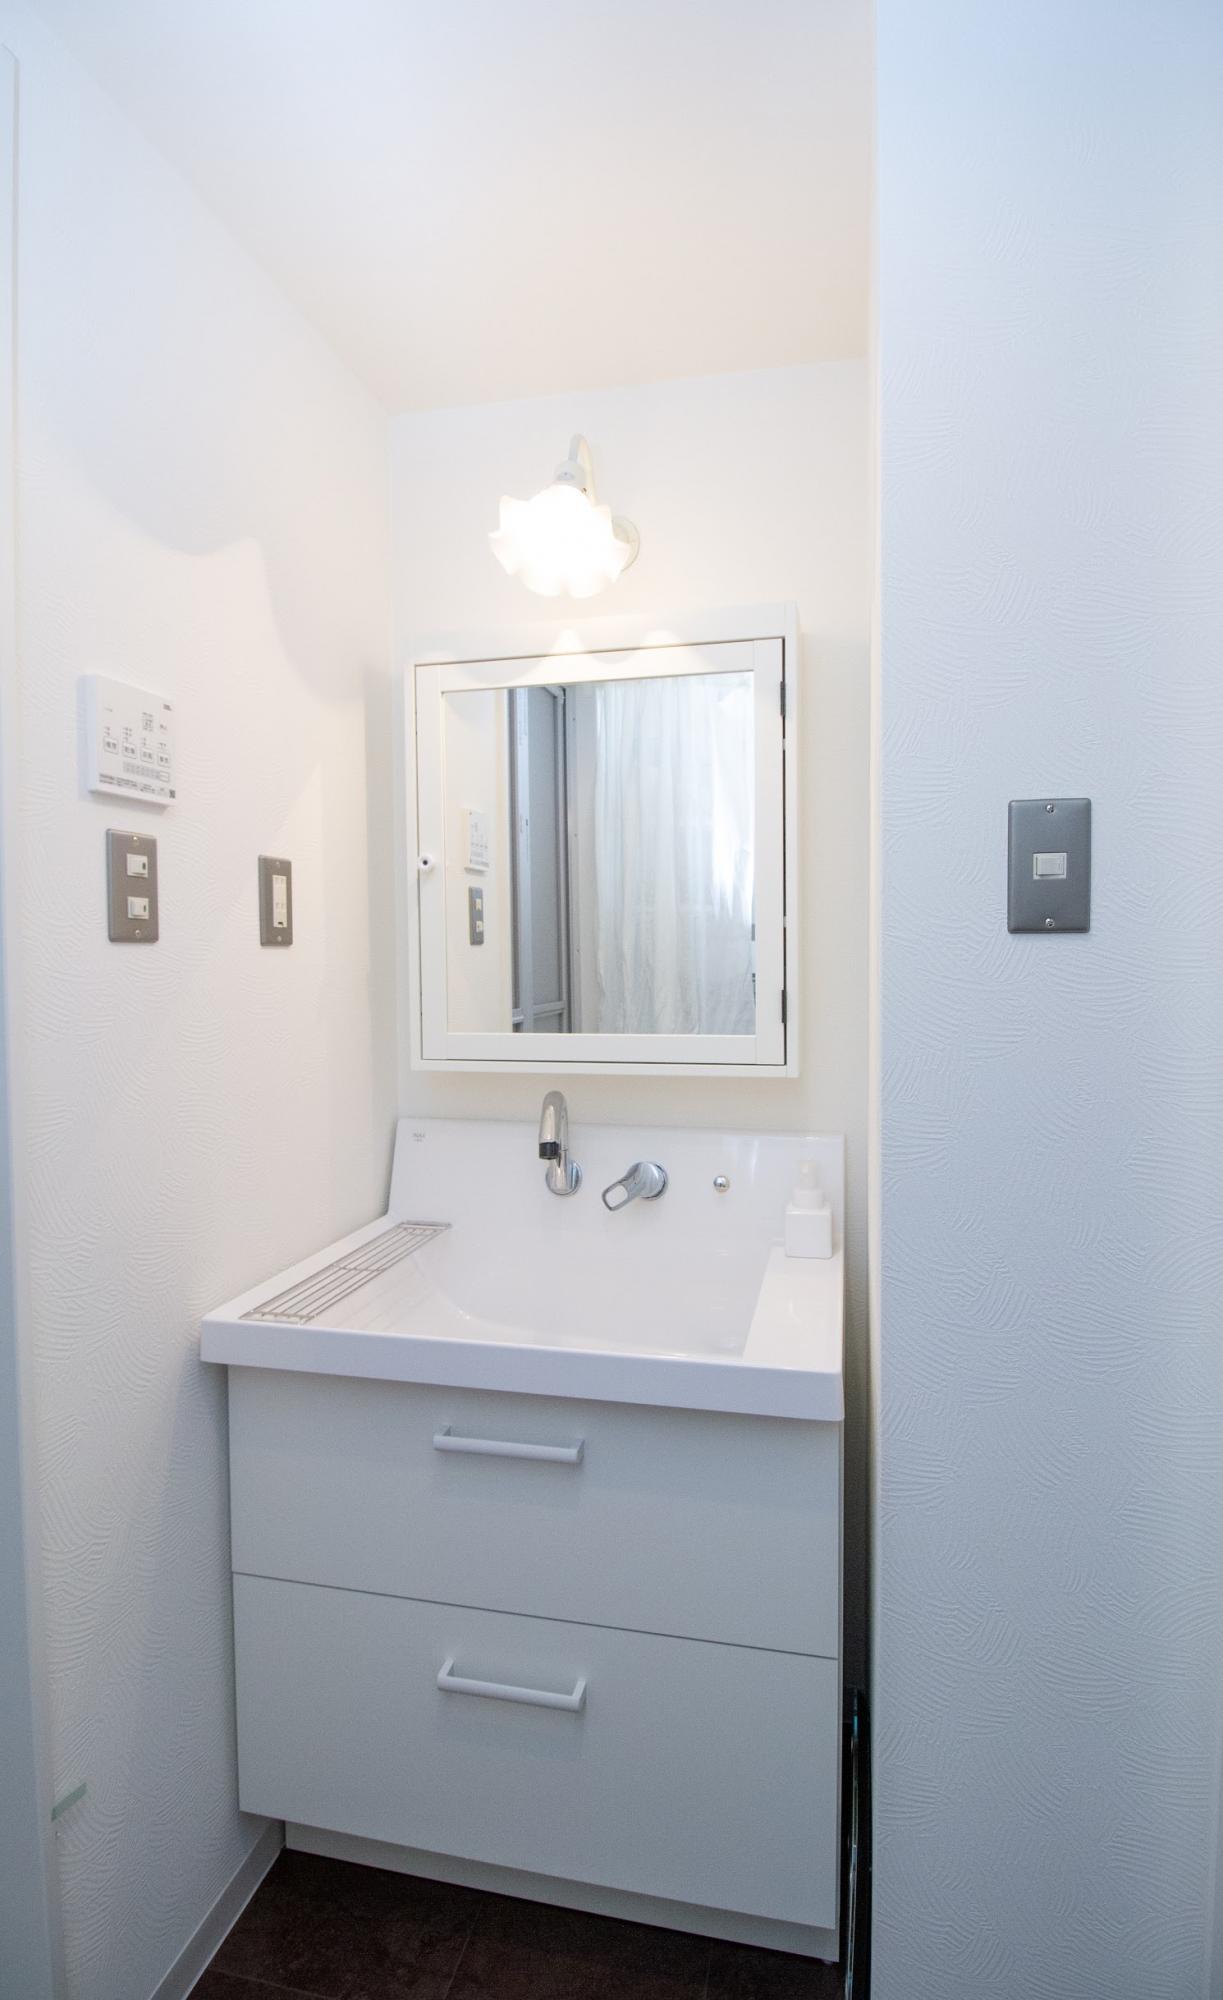 洗面台と鏡のセパレートタイプ合わせました。量販品と違ってオリジナル感がすごく出ました。洗面台と鏡は別メーカーです。敢えてのホワイトで統一したセンスがキラリと光っています。